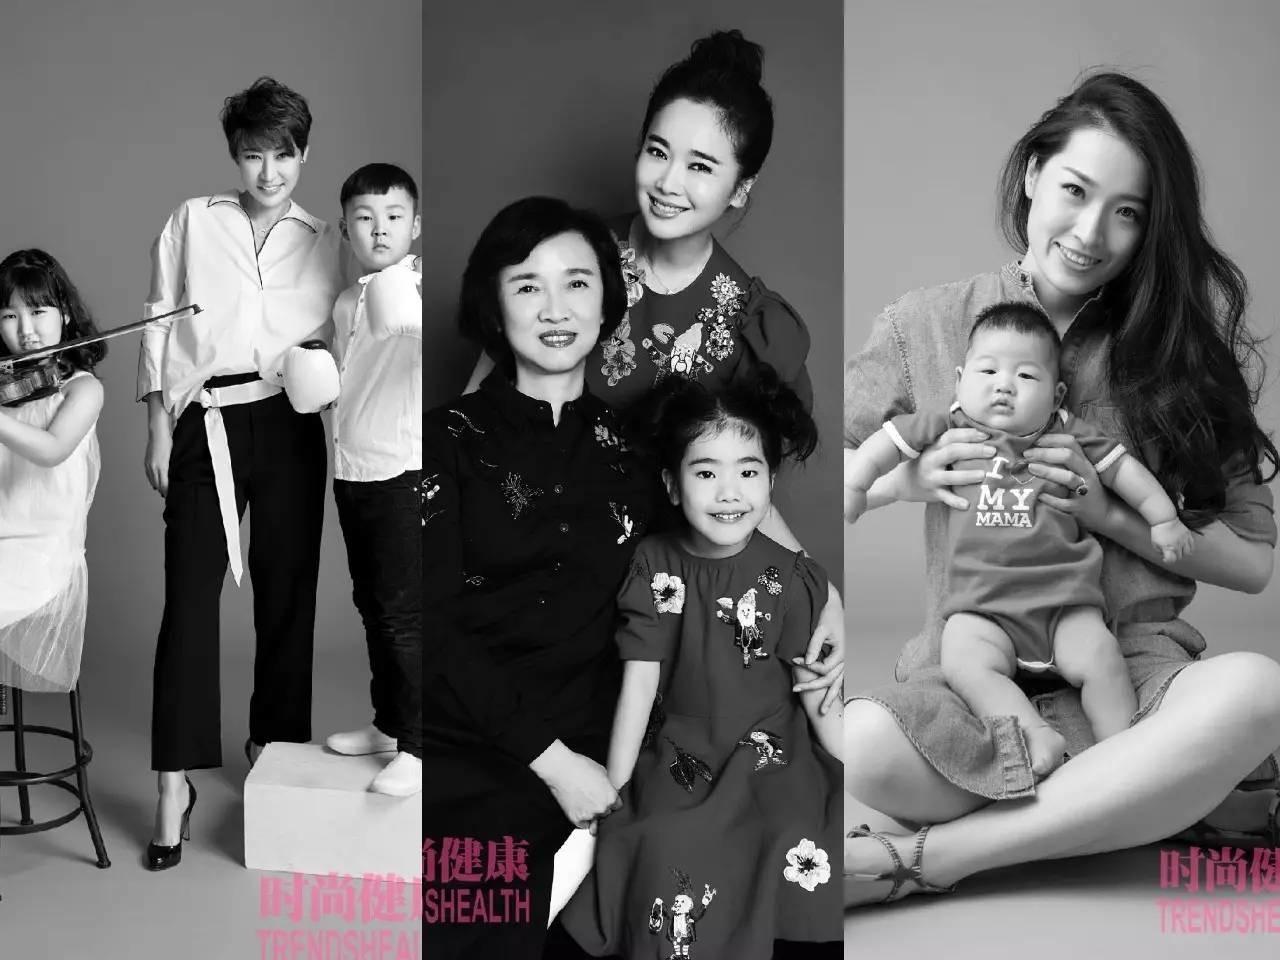 梁静、罗雪娟、左小青:妈妈的教育方式会遗传吗?看看明星们怎么应对隔代教育